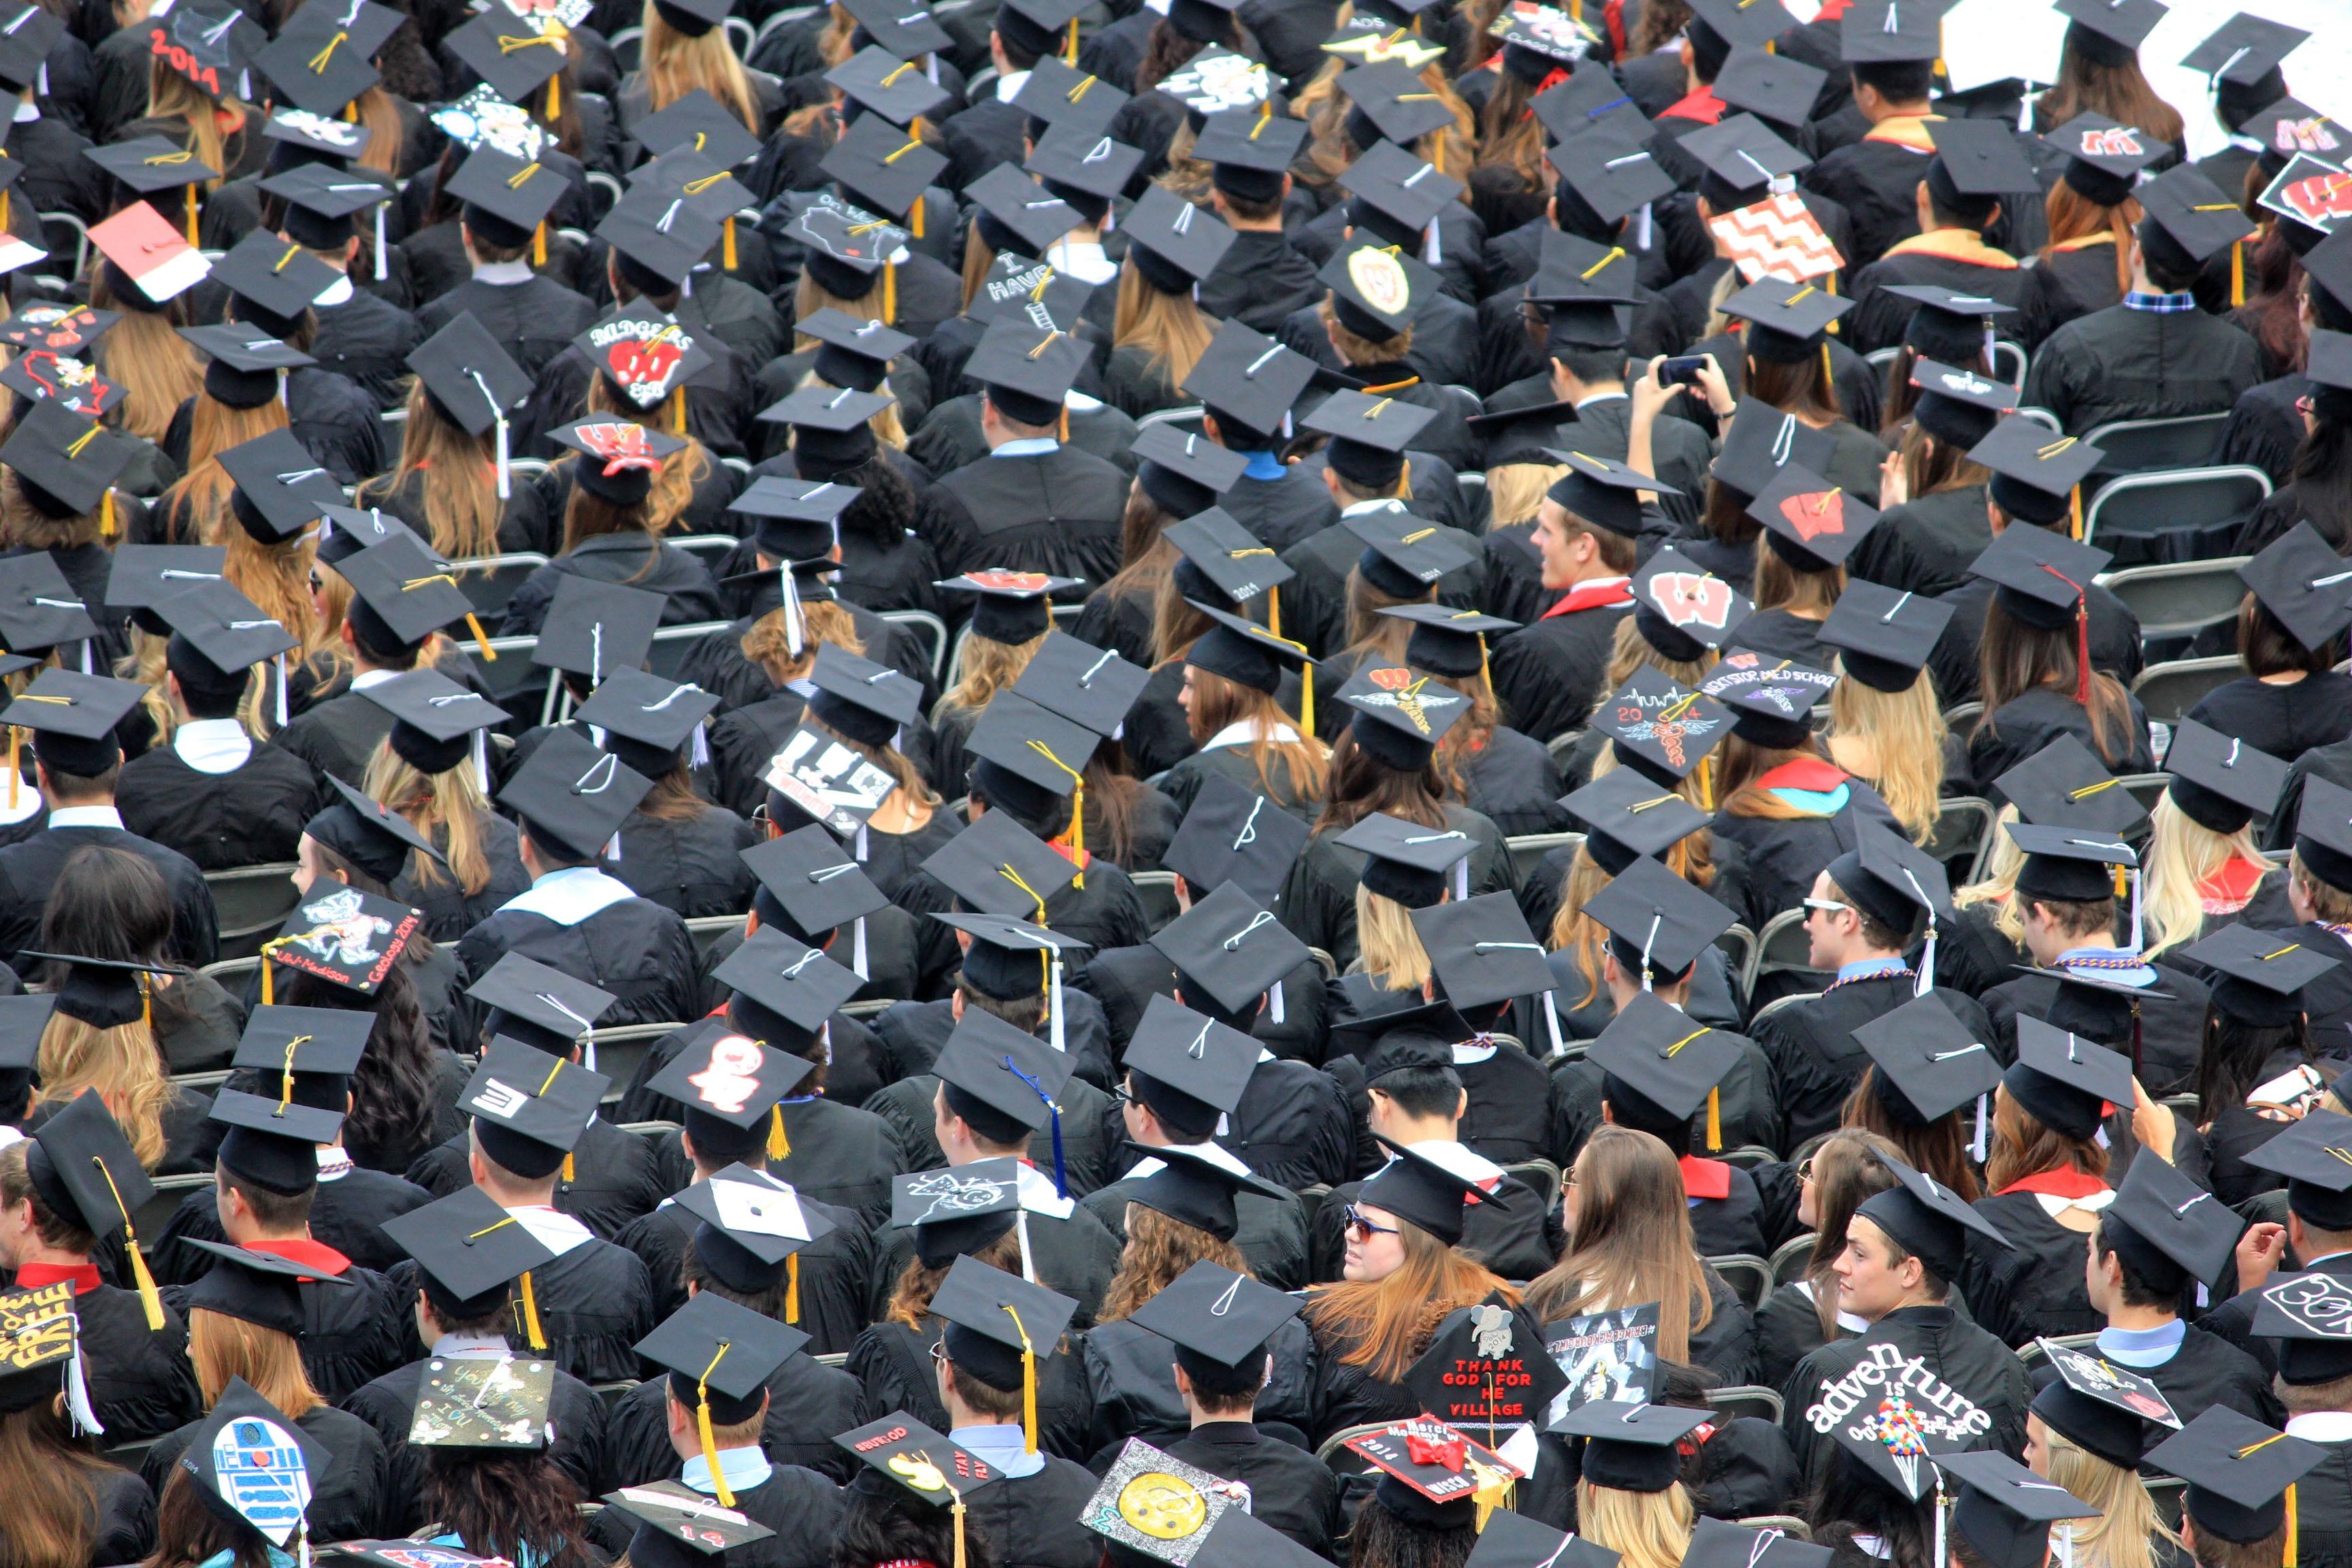 Presupuesto insuficiente para aumentar matrícula universitaria, alertan